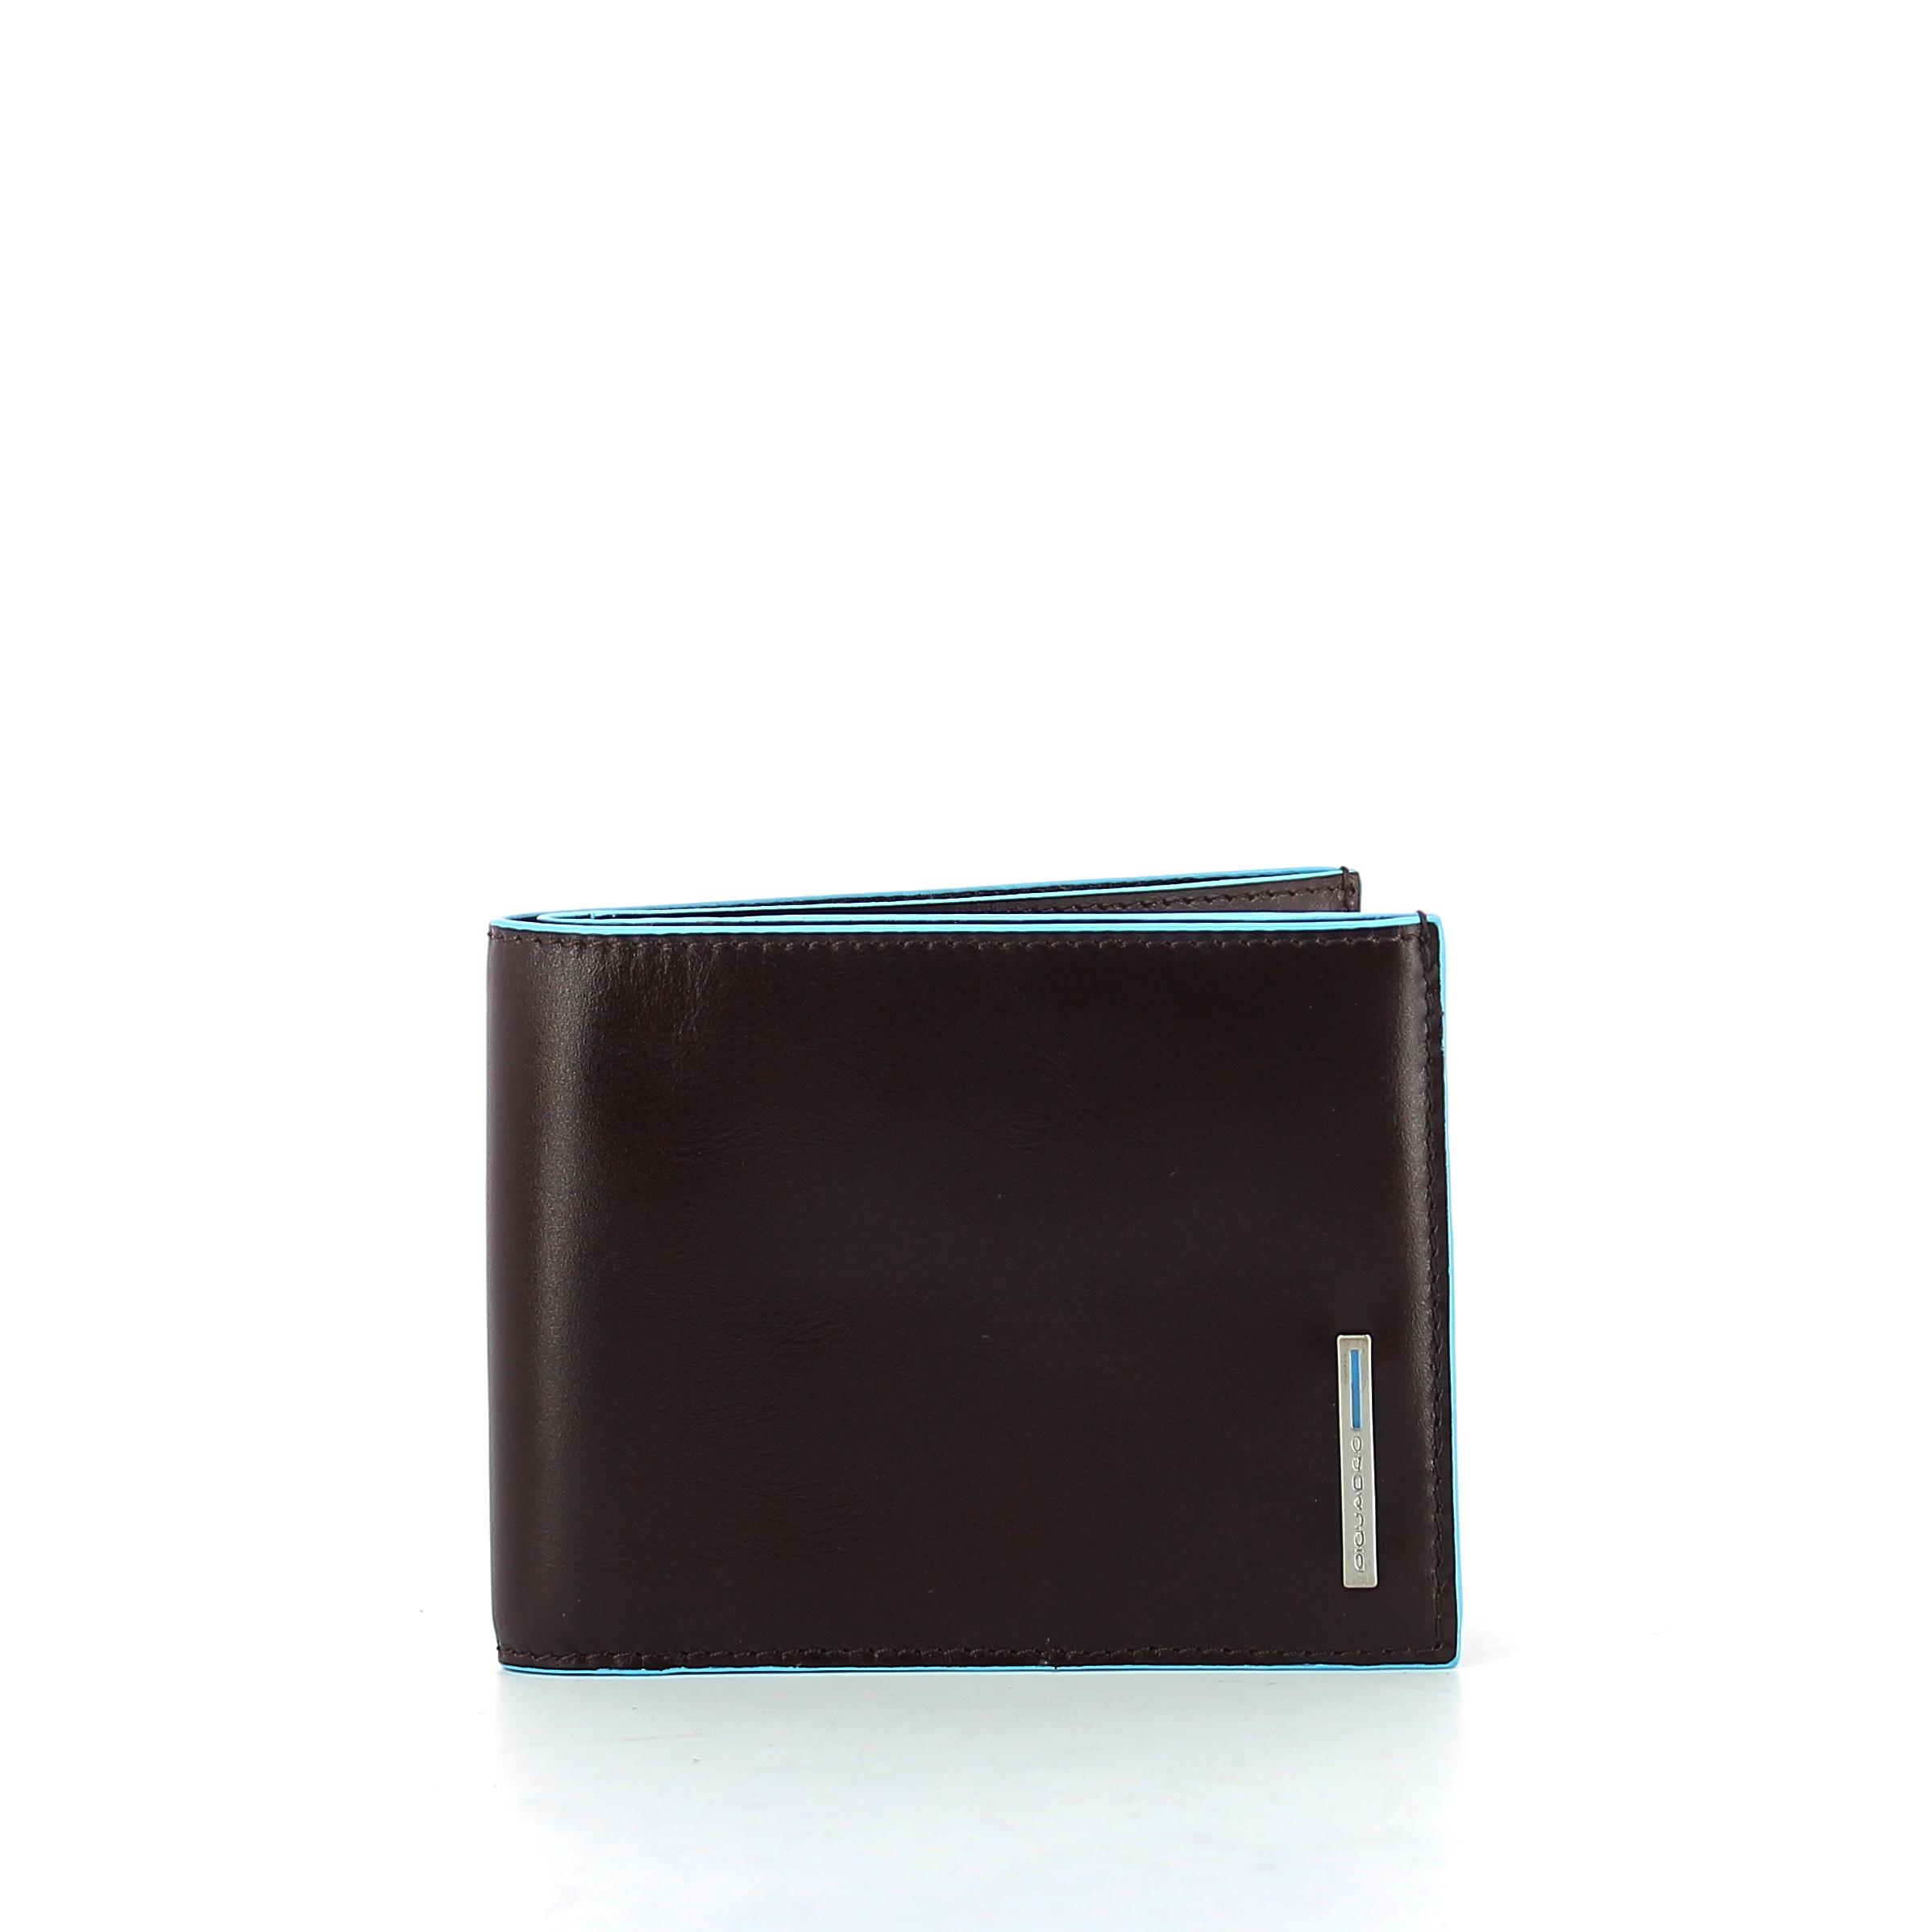 Portafoglio con portamonete Blue Square Piquadro  97199128b68